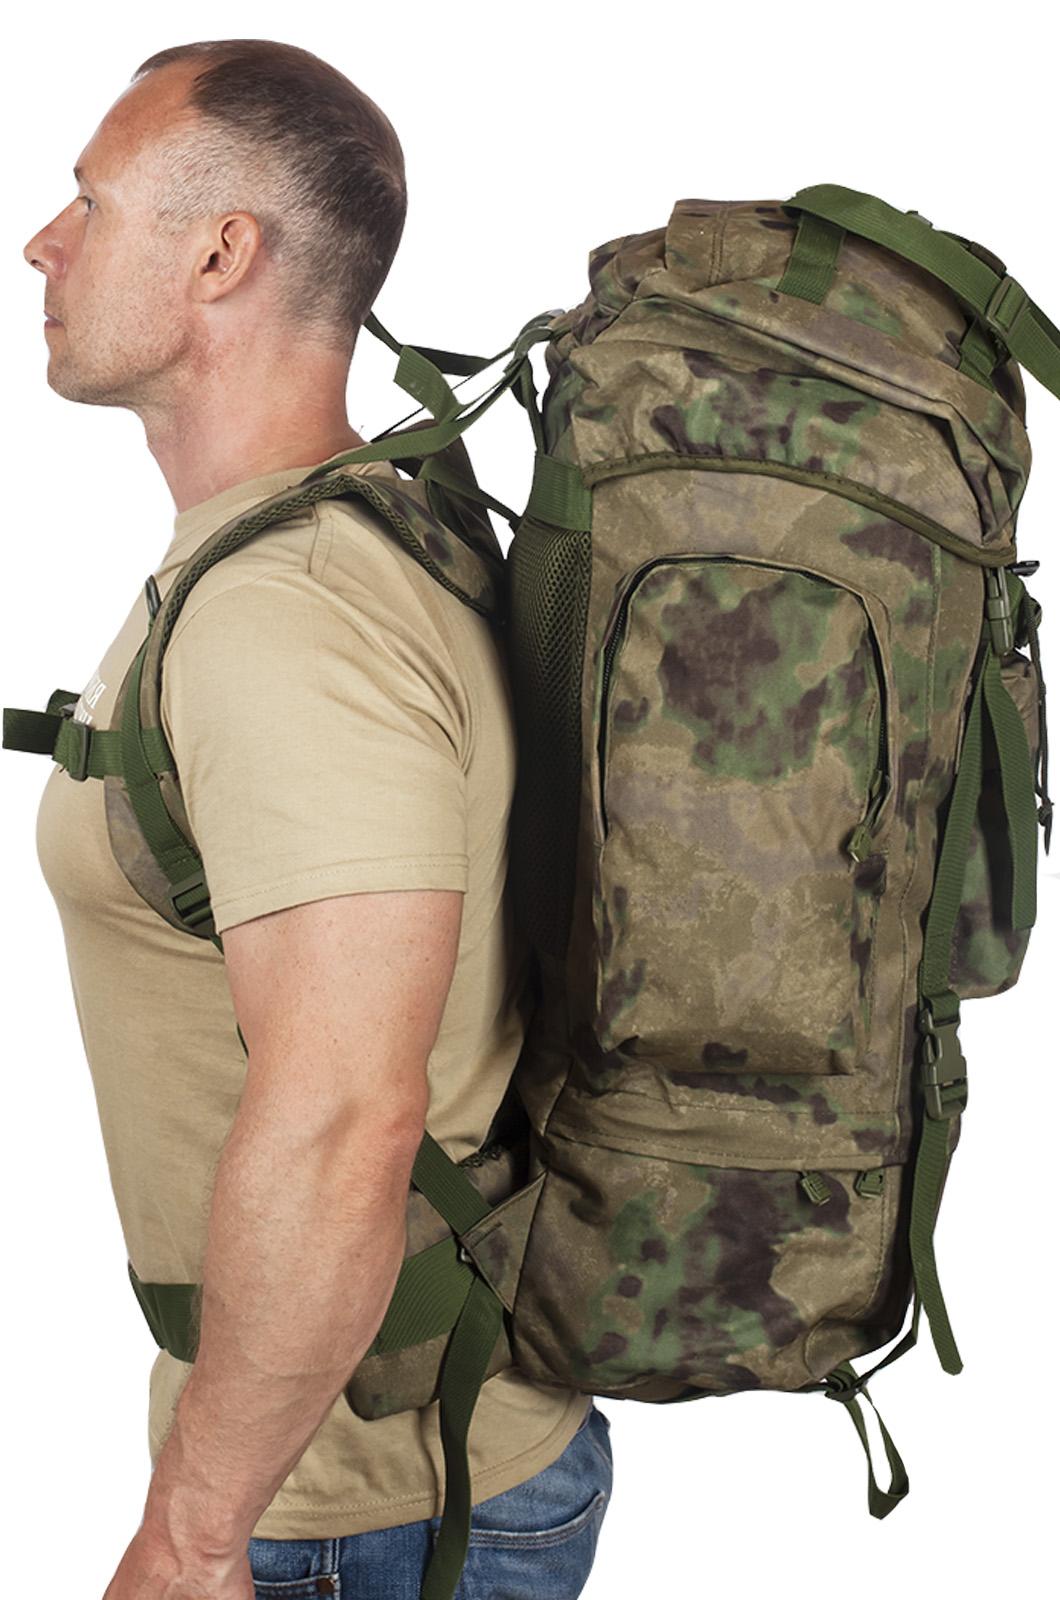 Полевой тактический рюкзак A-TACS FG Camo на 60 литров с эмблемой МВД